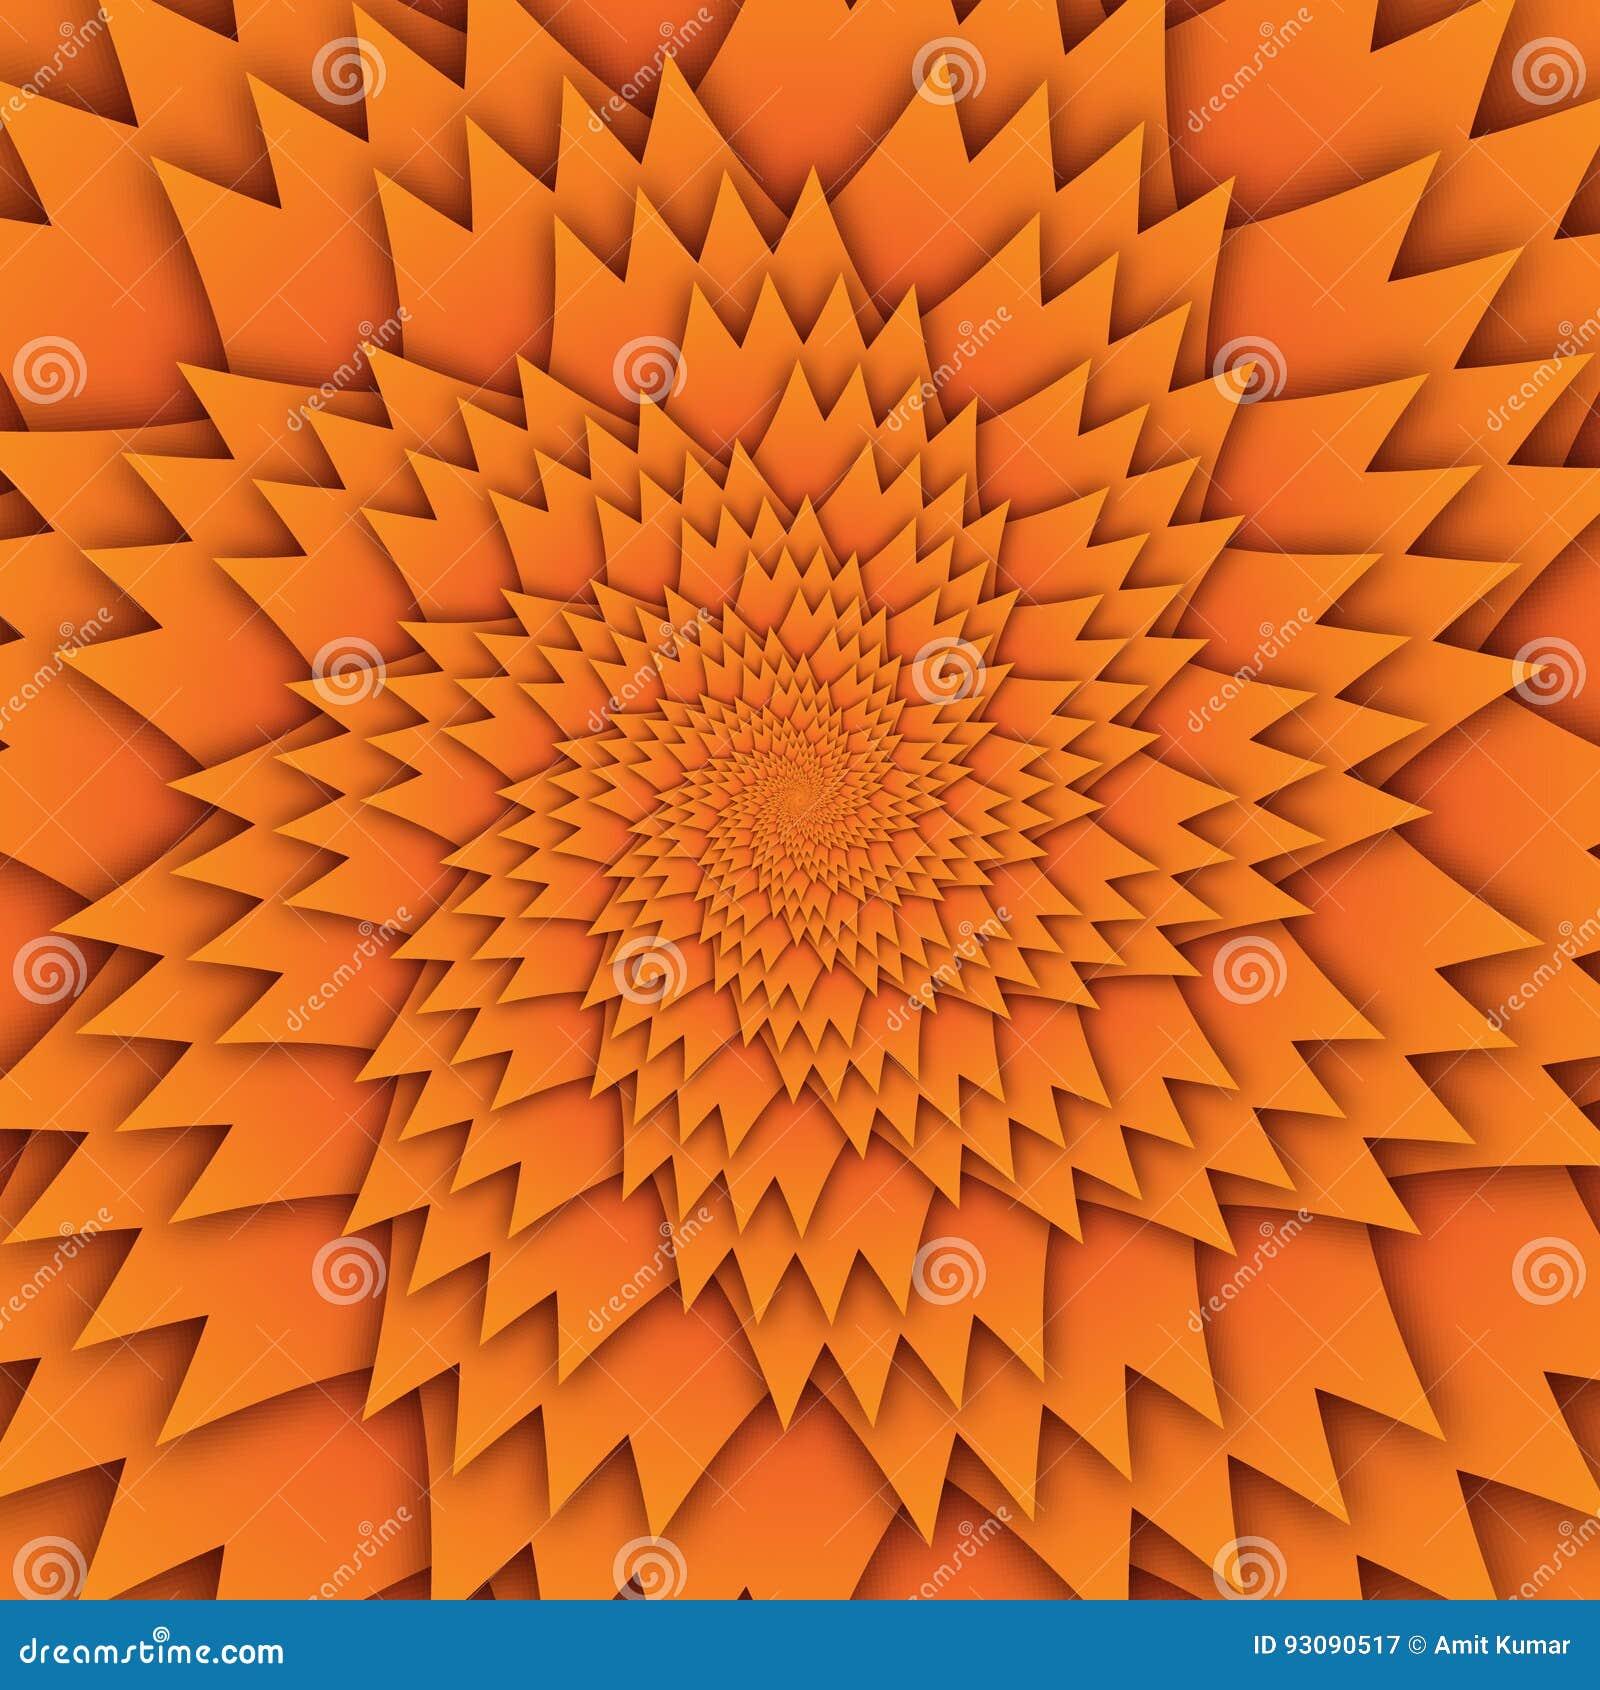 Abstract het patroon oranje van stermandala decoratief vierkant beeld als achtergrond, het beeldpatroon van de illusiekunst, acht